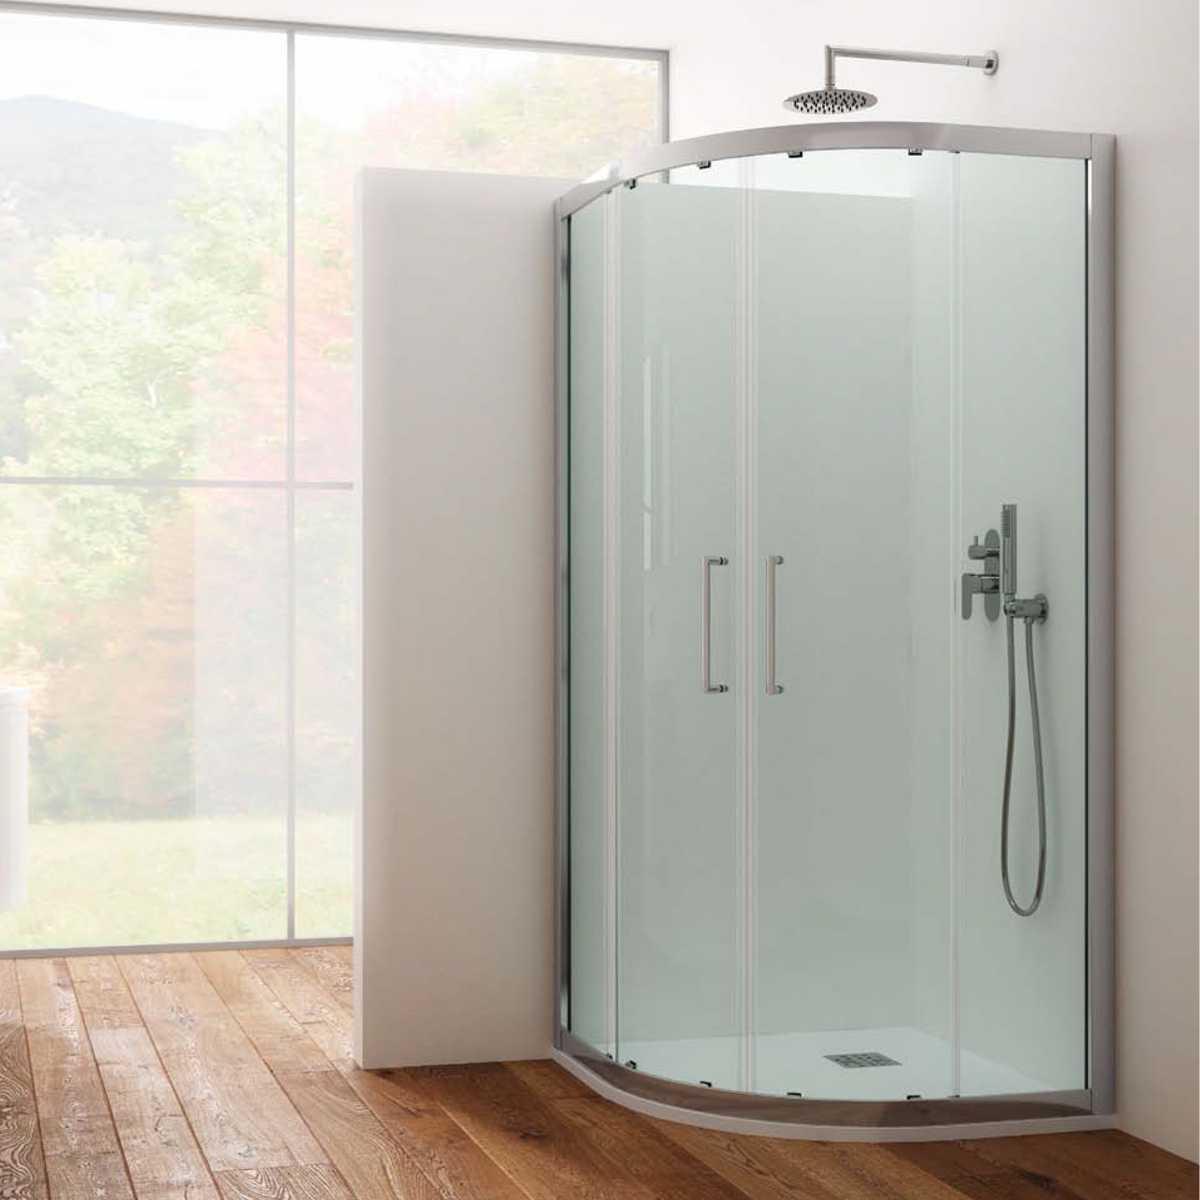 Box doccia circolare 90x90 apertura scorrevole cristallo trasparente 6 mm